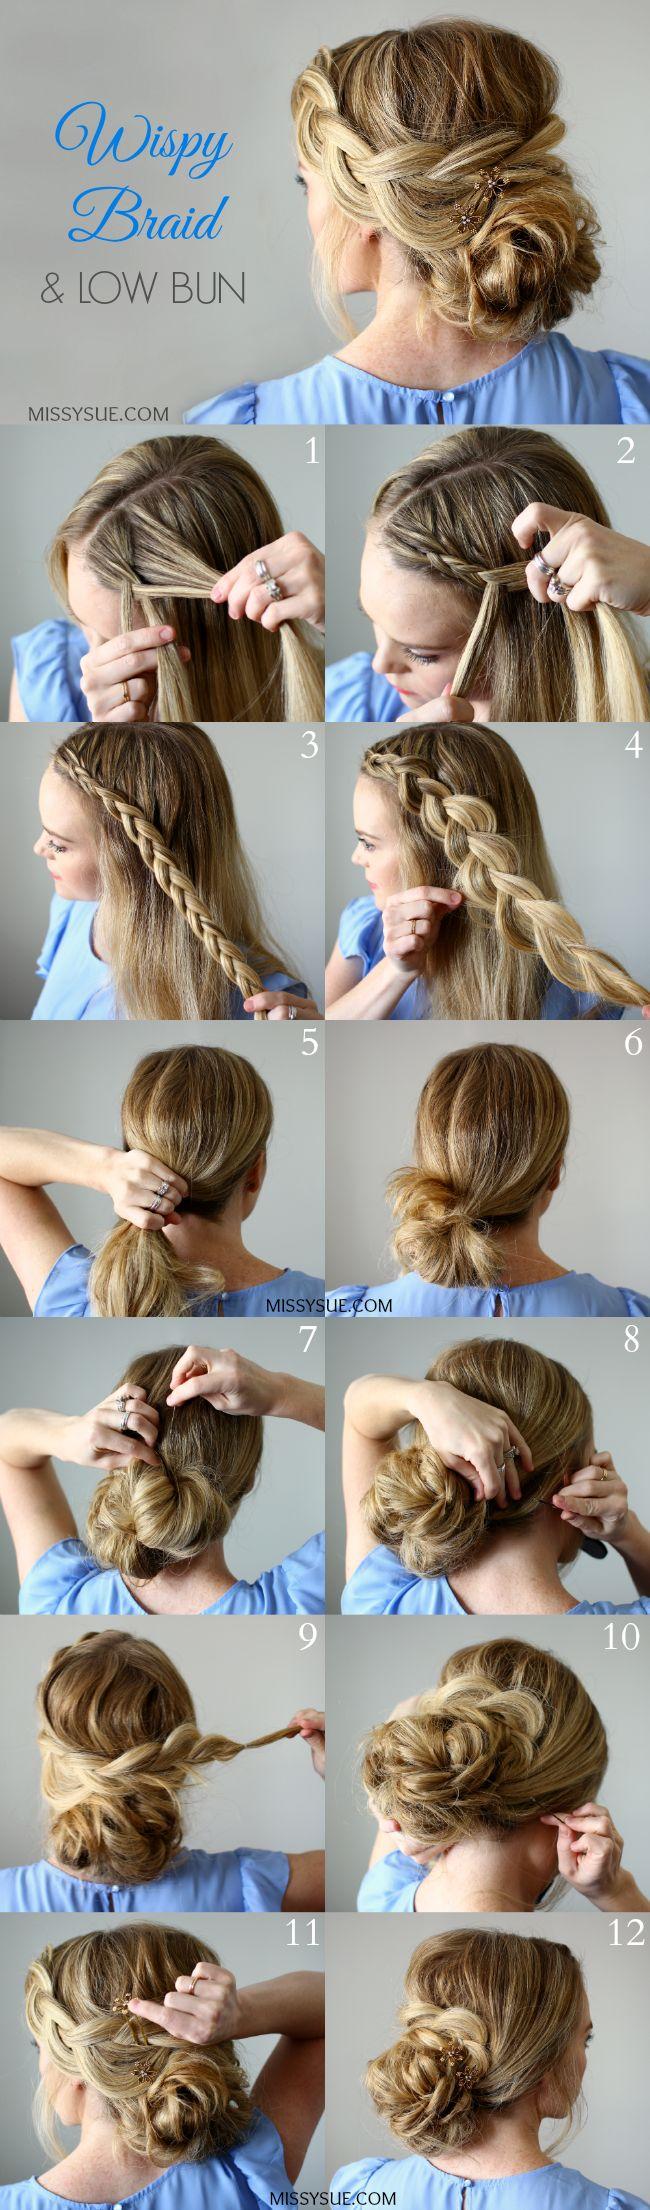 Tutoriel chignon en image! Simple à réaliser sur cheveux longs / mi-longs tresses 3 brins et chignon bas sur le côté. Chignon bohème simple mais chic